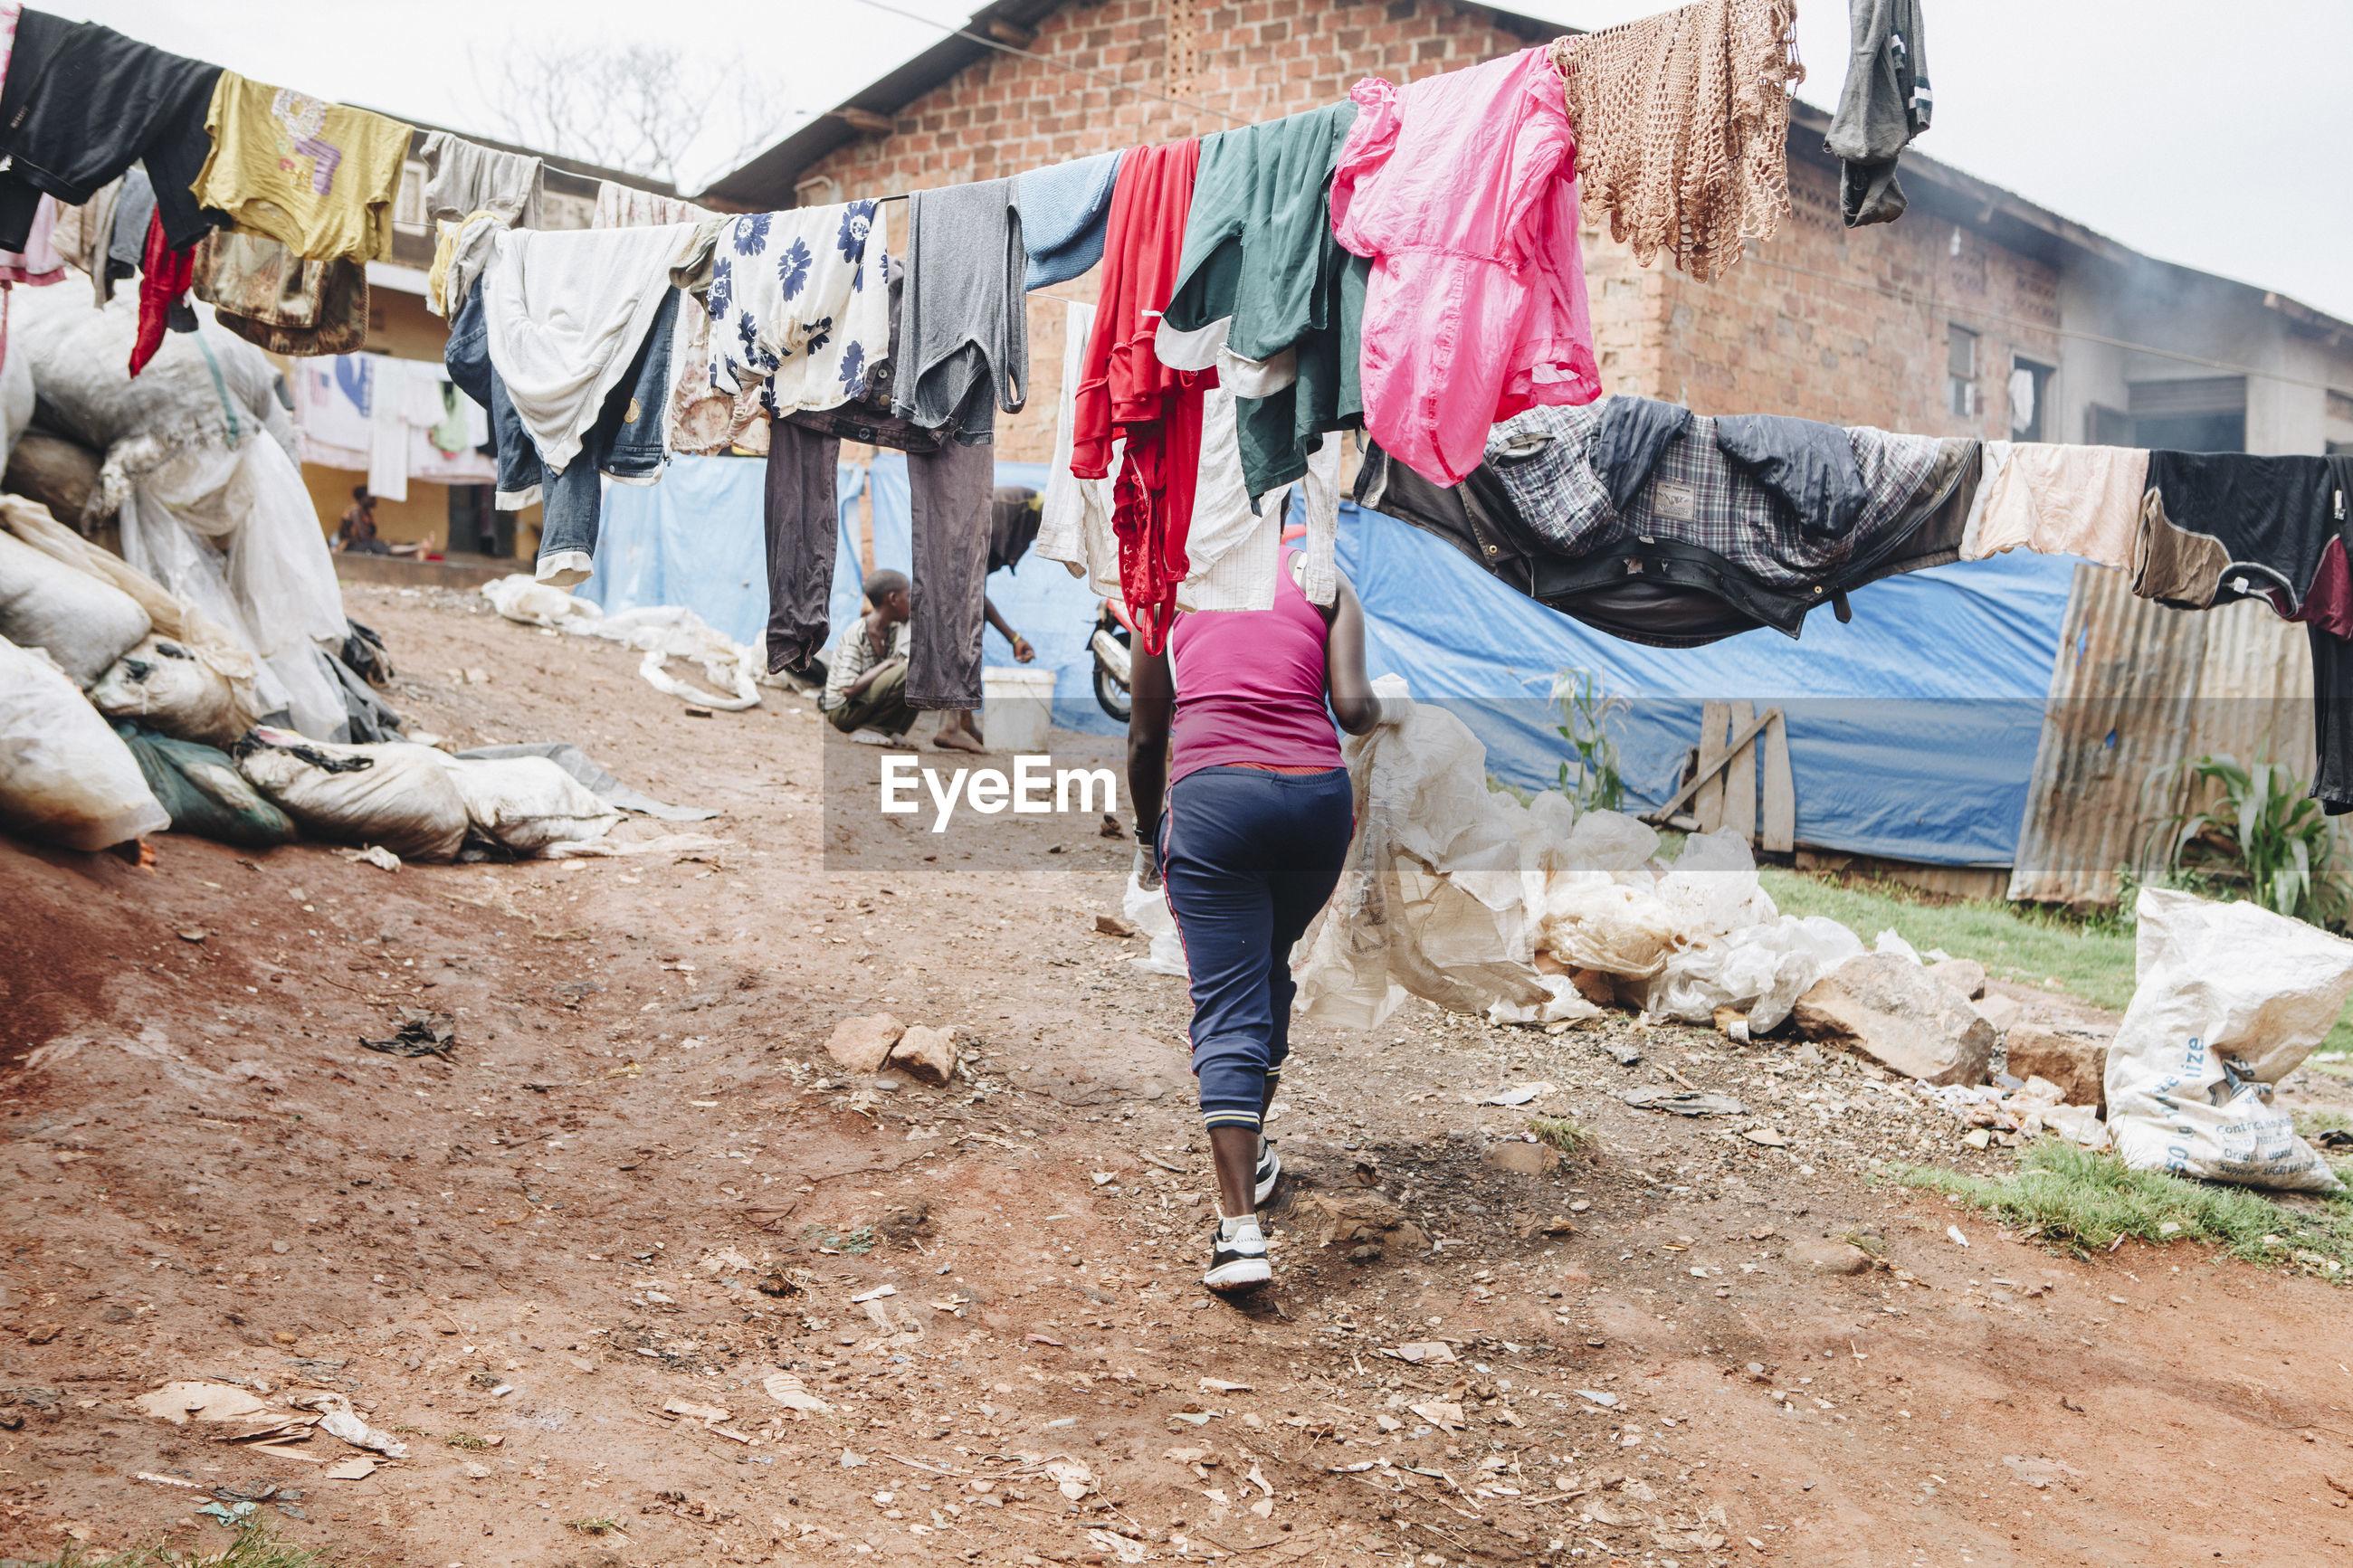 Low section of woman walking on field in slum